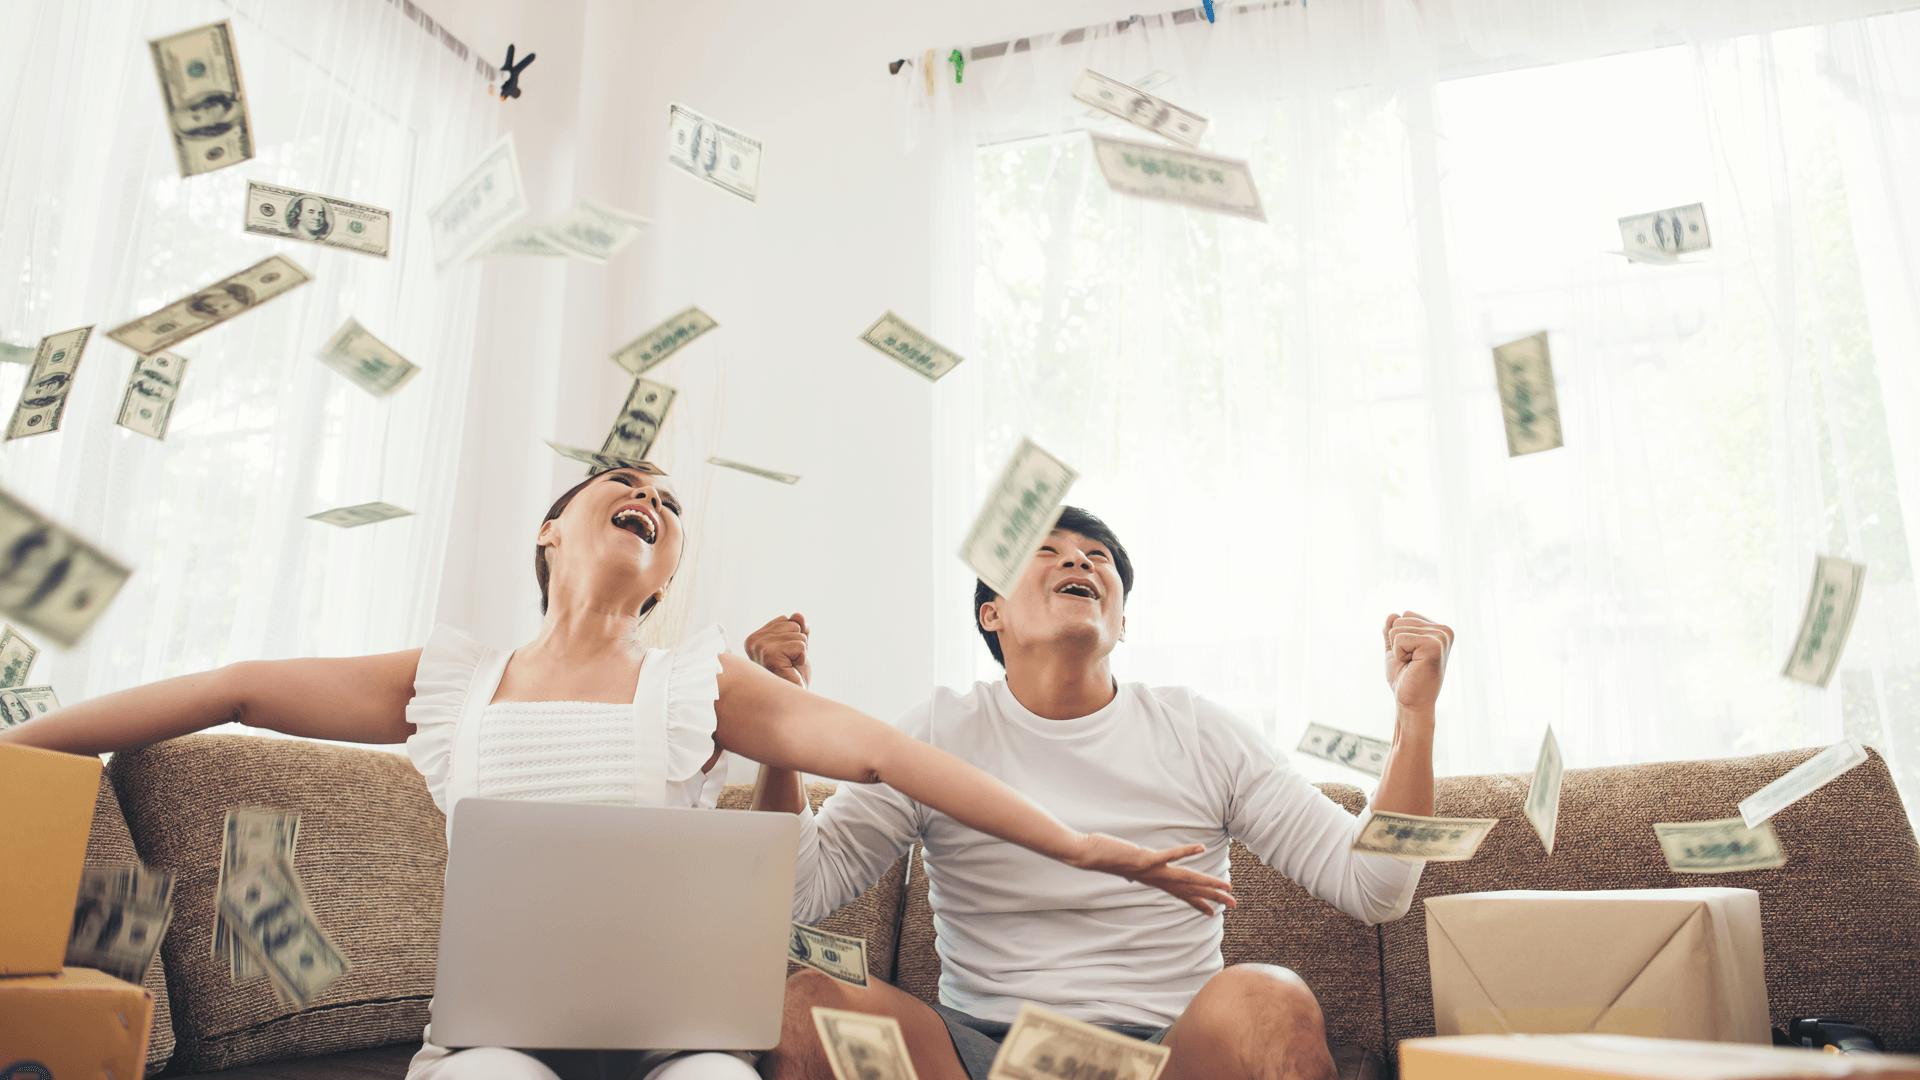 Đặt mục tiêu tài chính giúp bạn có động lực kiếm tiền và tiết kiệm tiền mỗi ngày